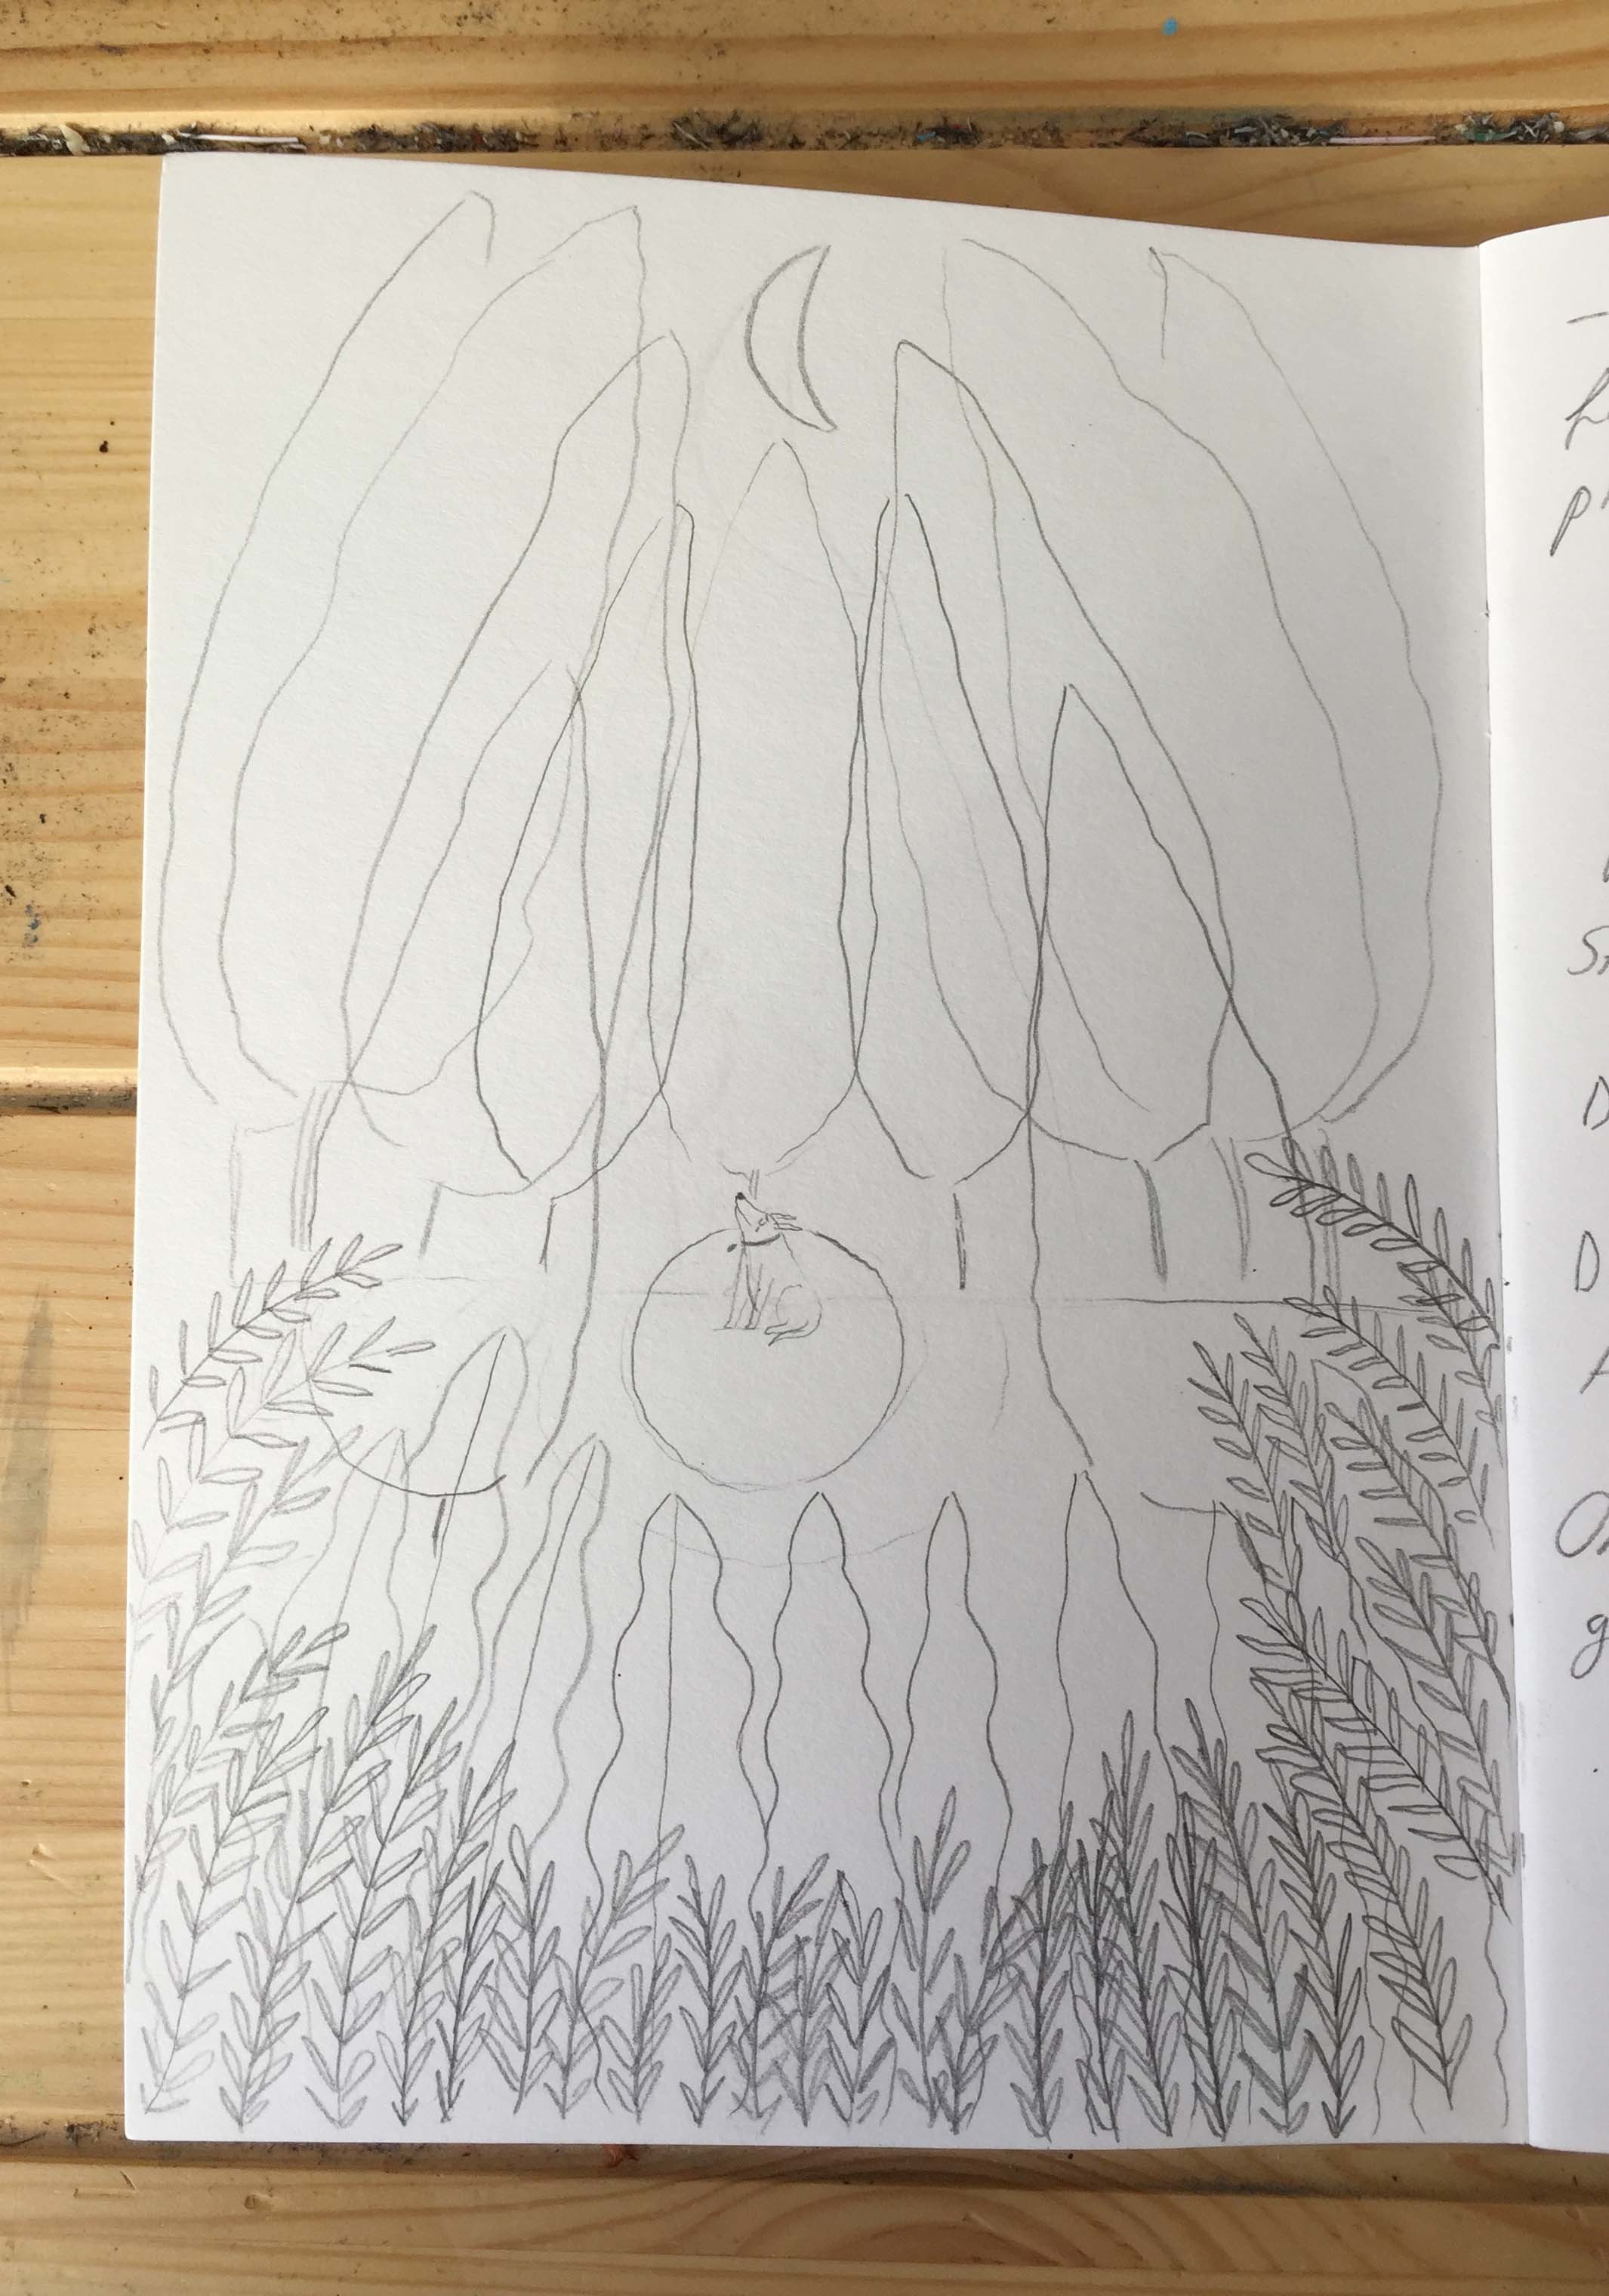 Schnookie-Sketch-2.JPG#asset:281